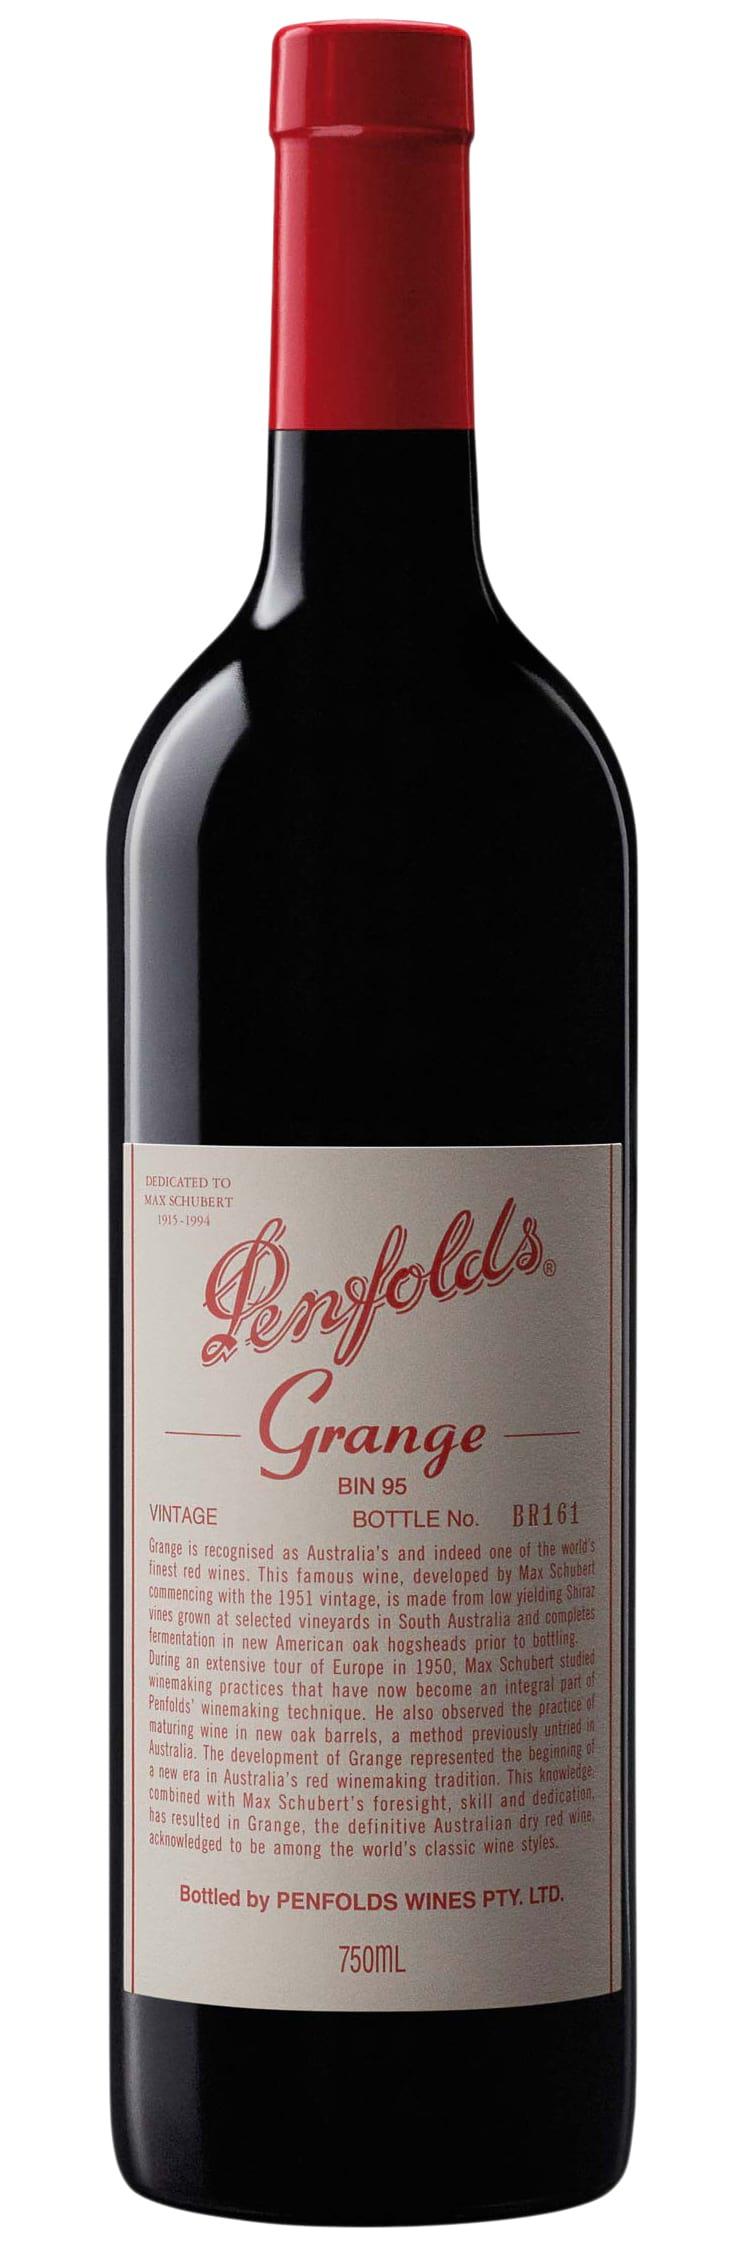 2014 Penfolds Grange Bin 95 фото